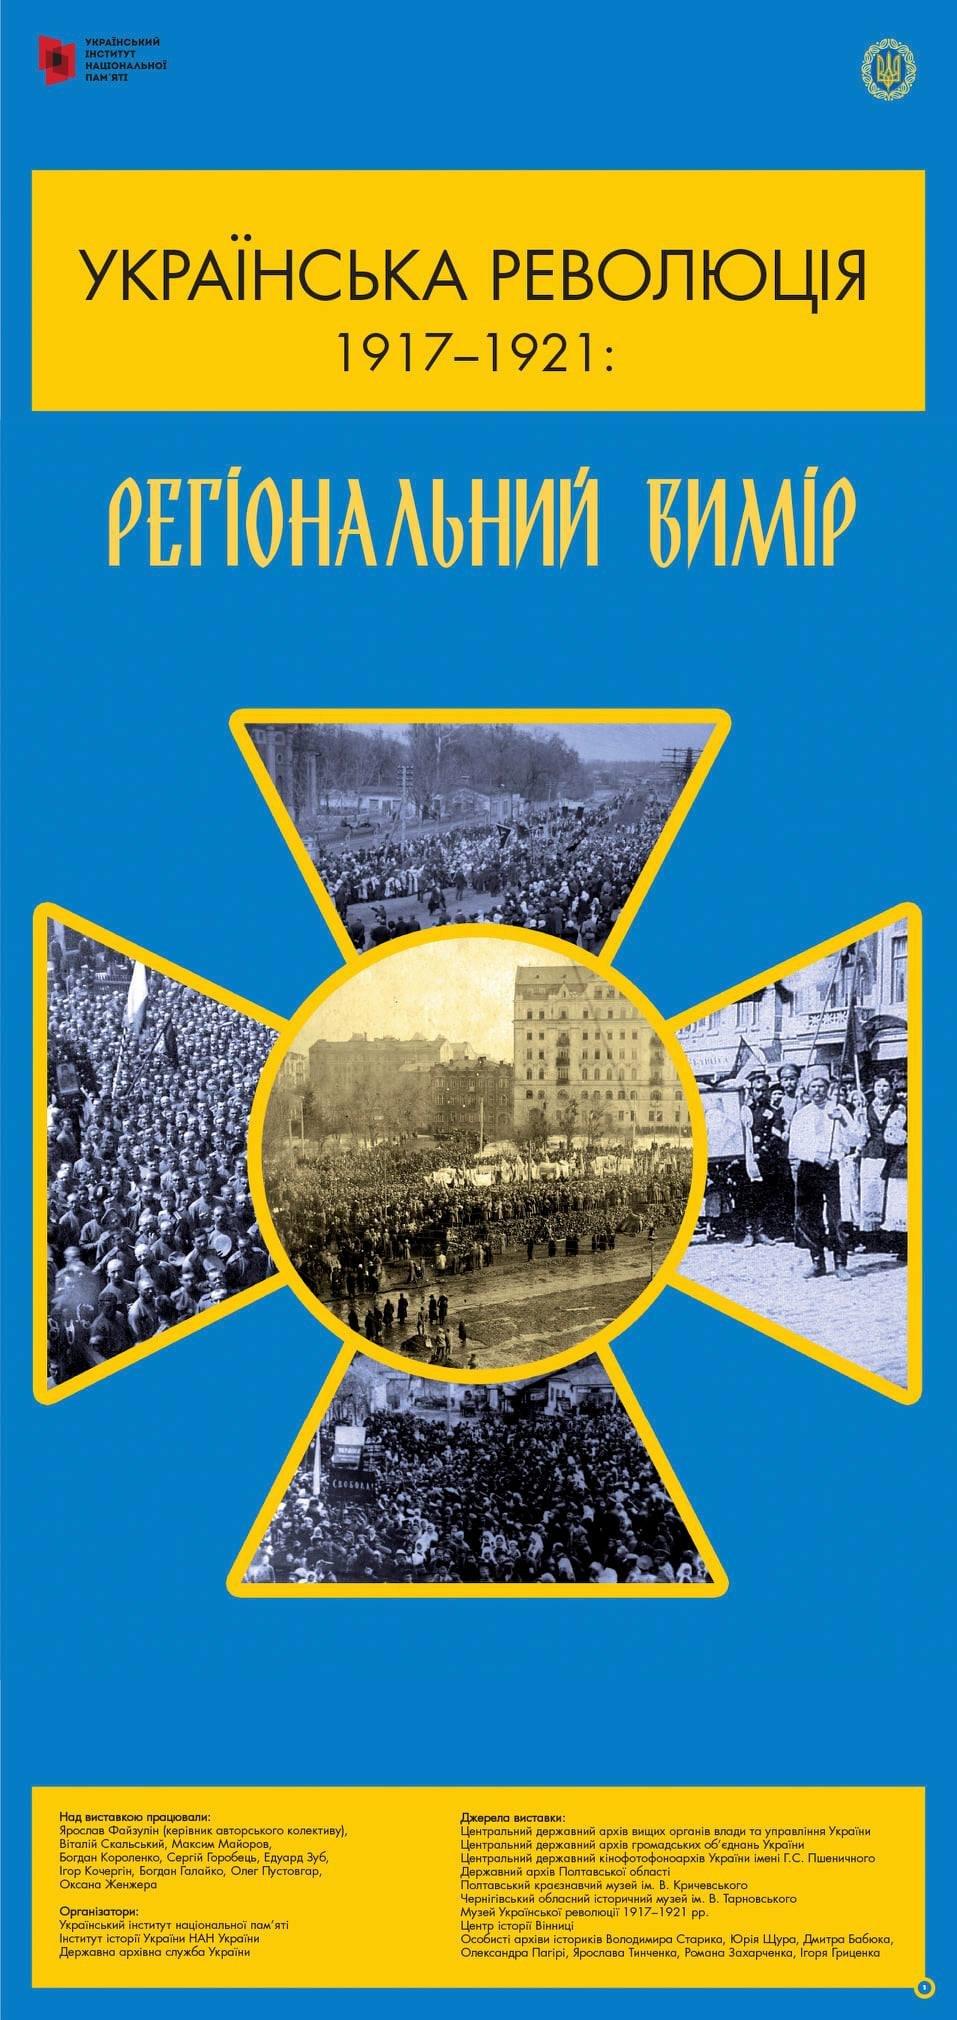 На Сумщині відбудеться презентація виставки «Українська революція 1917-1921 років: регіональний вимір», фото-1